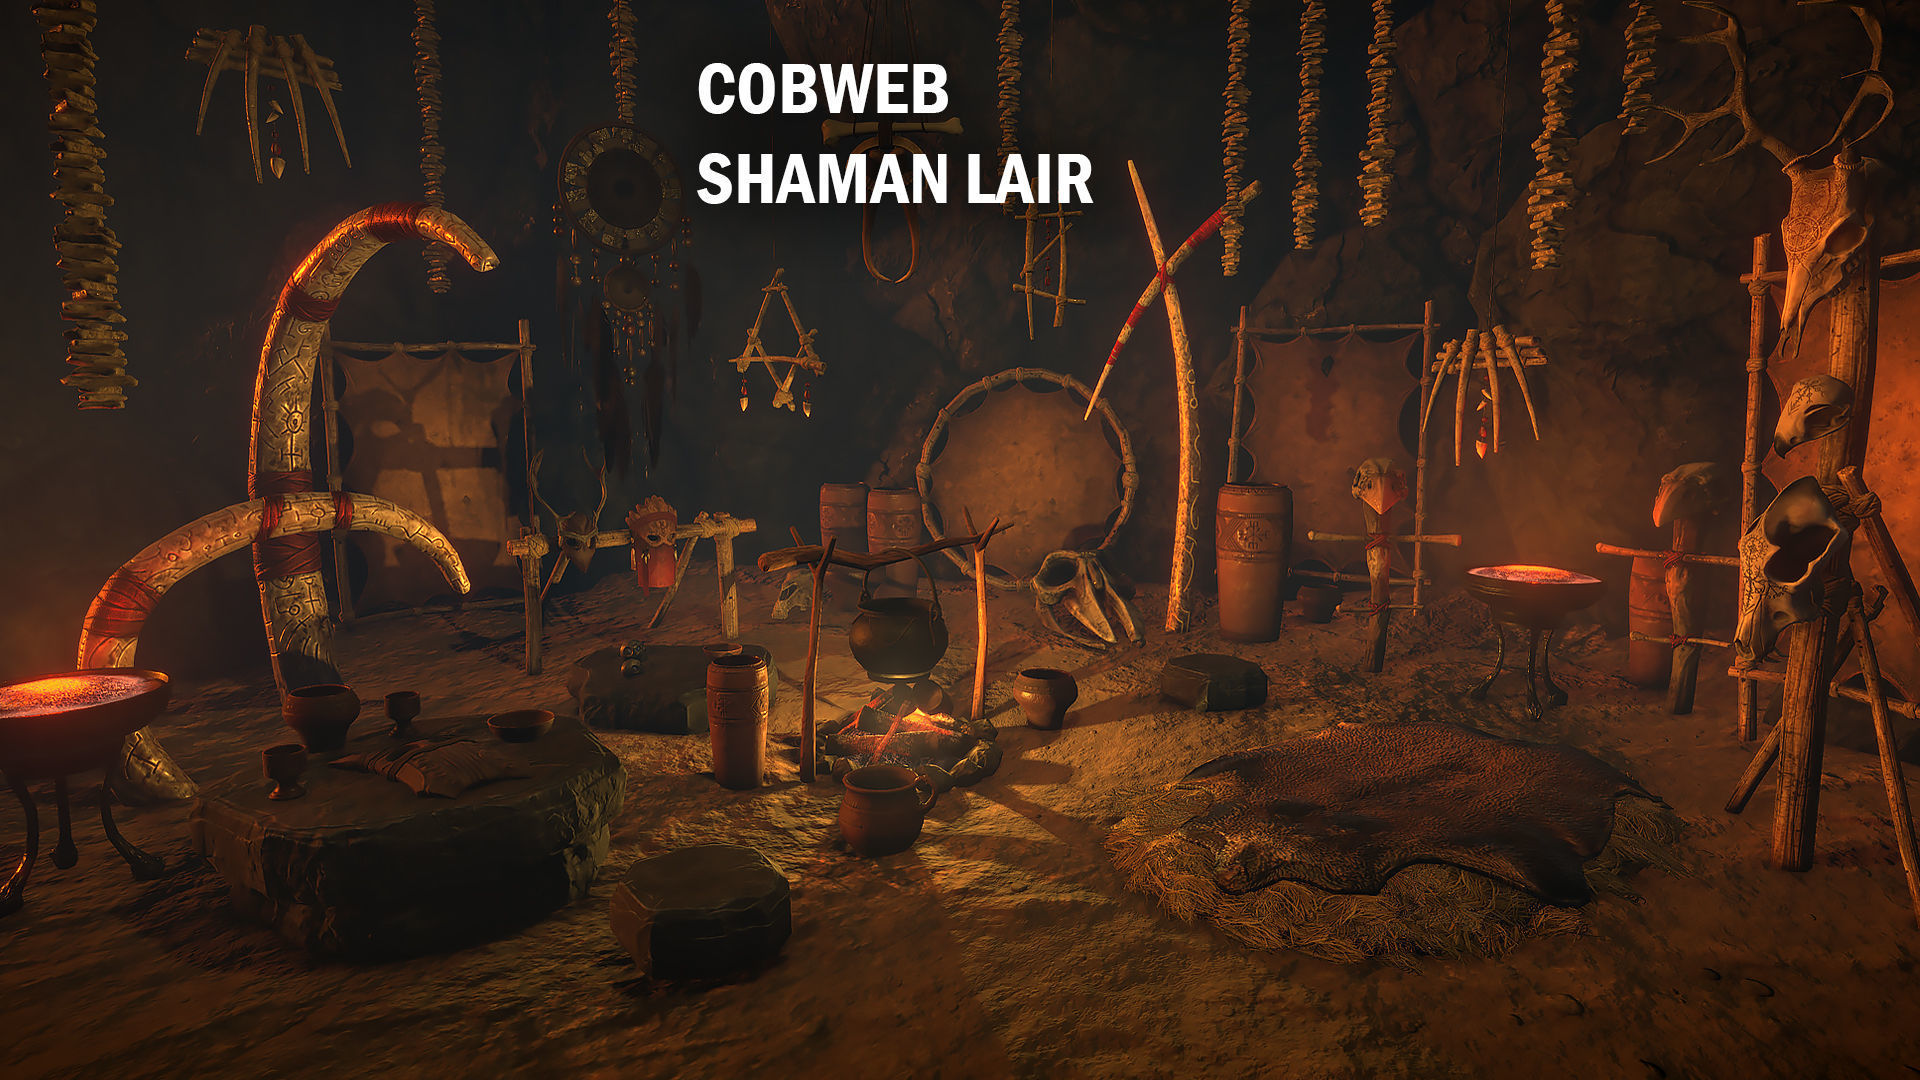 Shaman lair